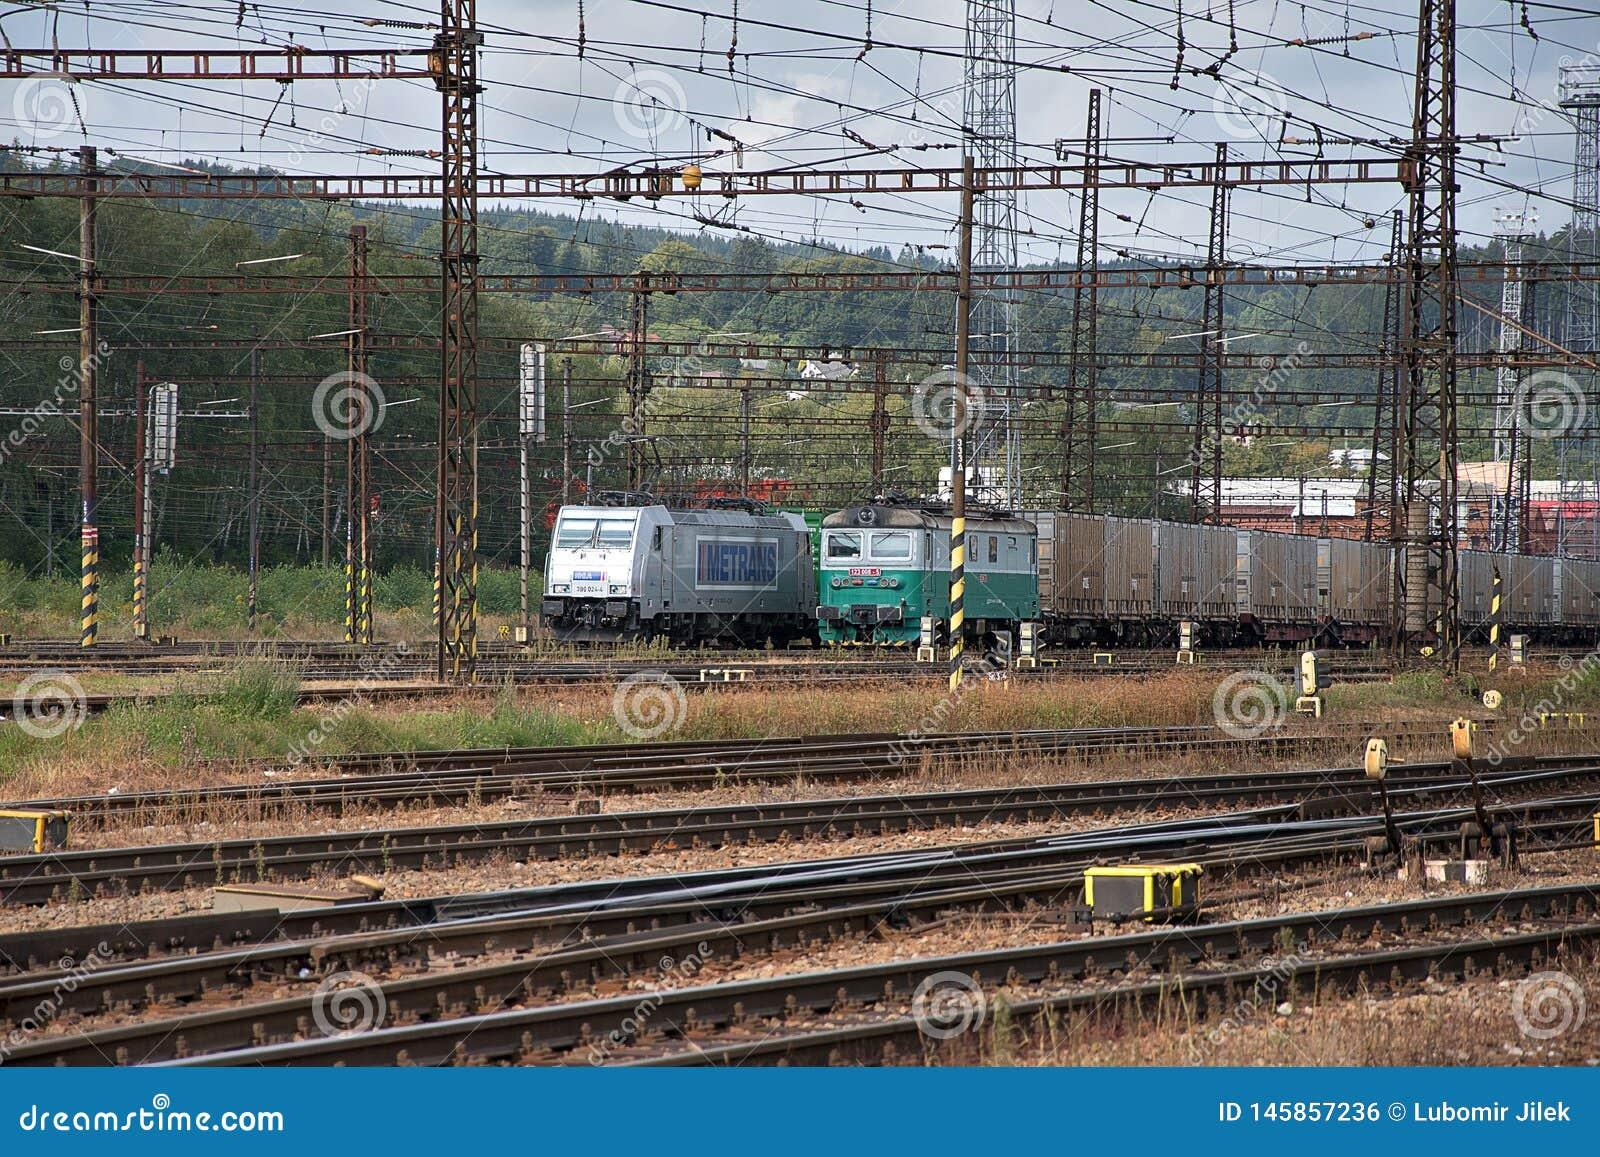 Ceska Trebova, R?publique Tch?que, 8 9 2017 : Jonction ferroviaire et gare ferroviaire Ceska Trebova, chemins de fer tchèques